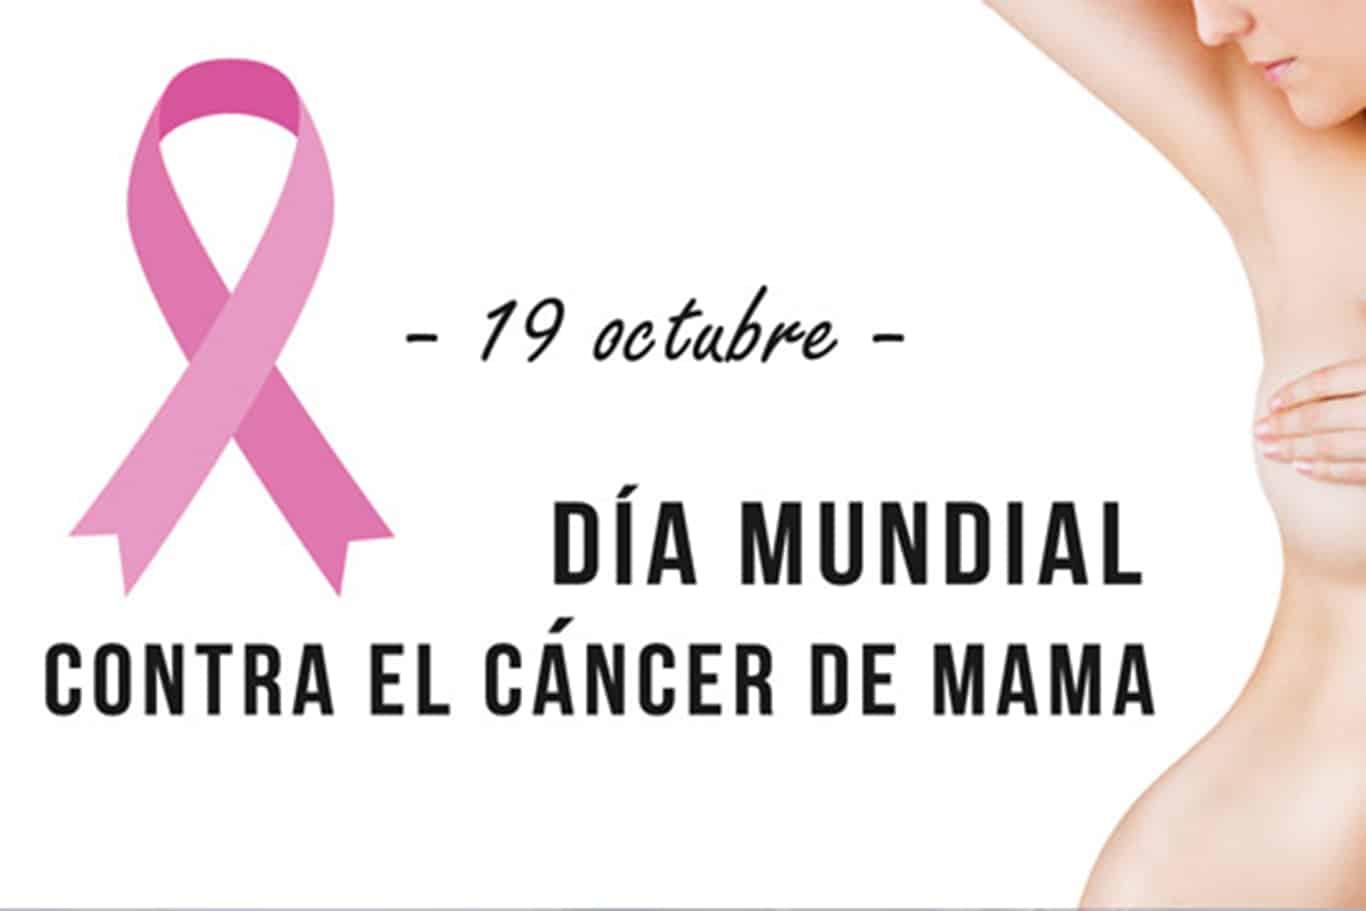 Campaña del Municipio contra el Cáncer de Mama: mamografías gratis en los centros sanitarios